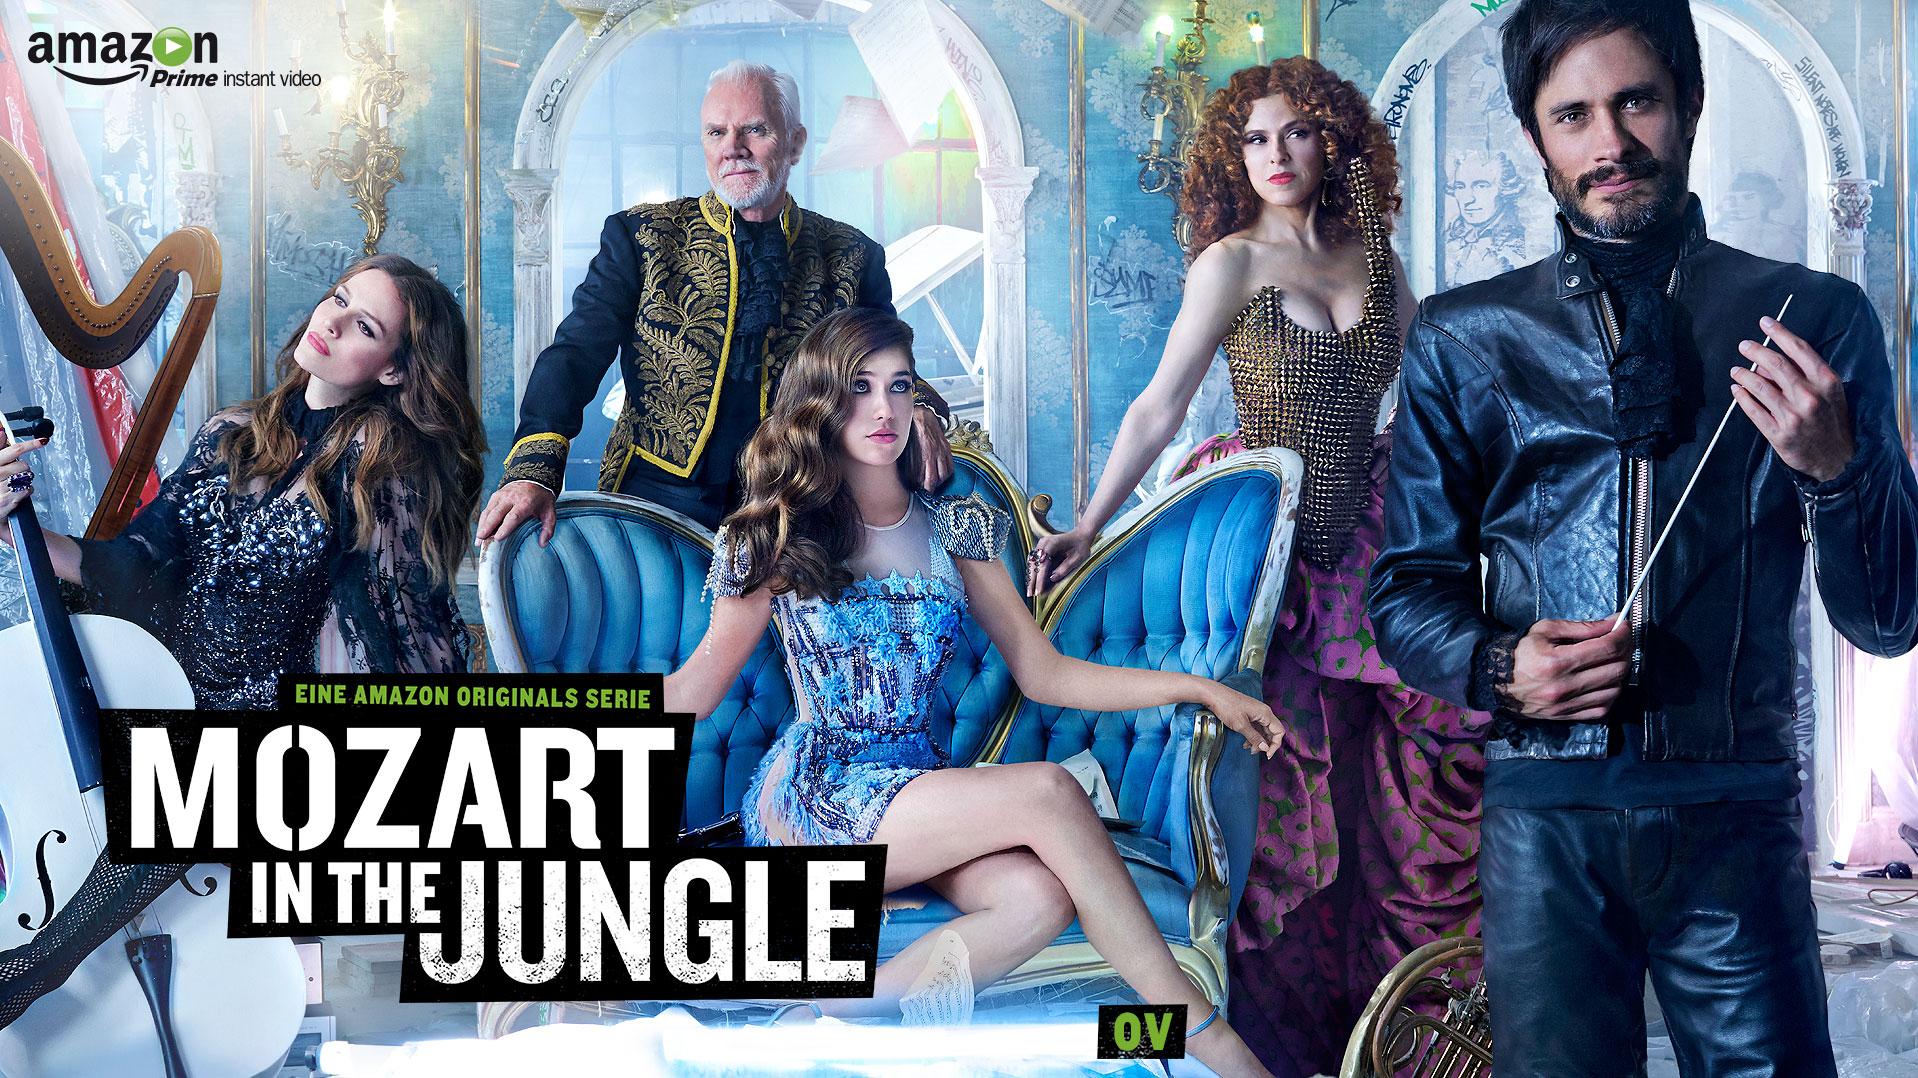 [Amazon Instant Video] Mozart in the Jungle Staffel 1+2 kostenlos streamen ( auch OHNE PRIME MITGLIEDSCHAFT)